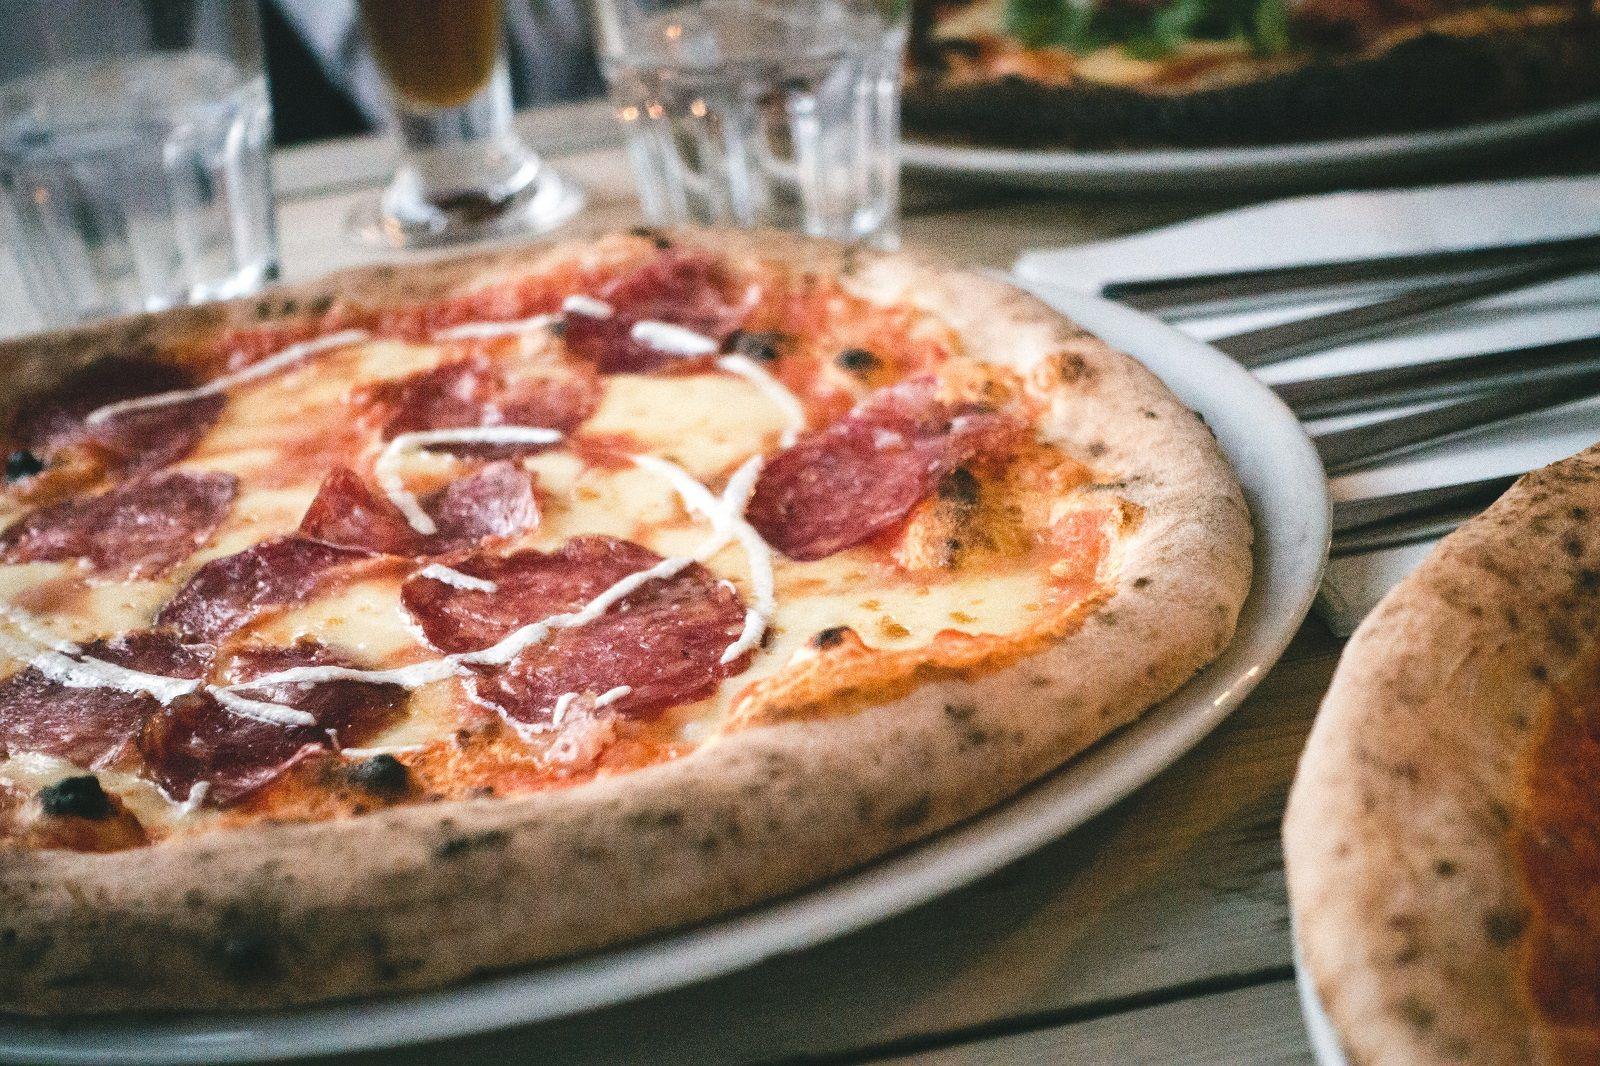 Okrúhla pizza so salámou a syrom, v pozadí poháre a príbory